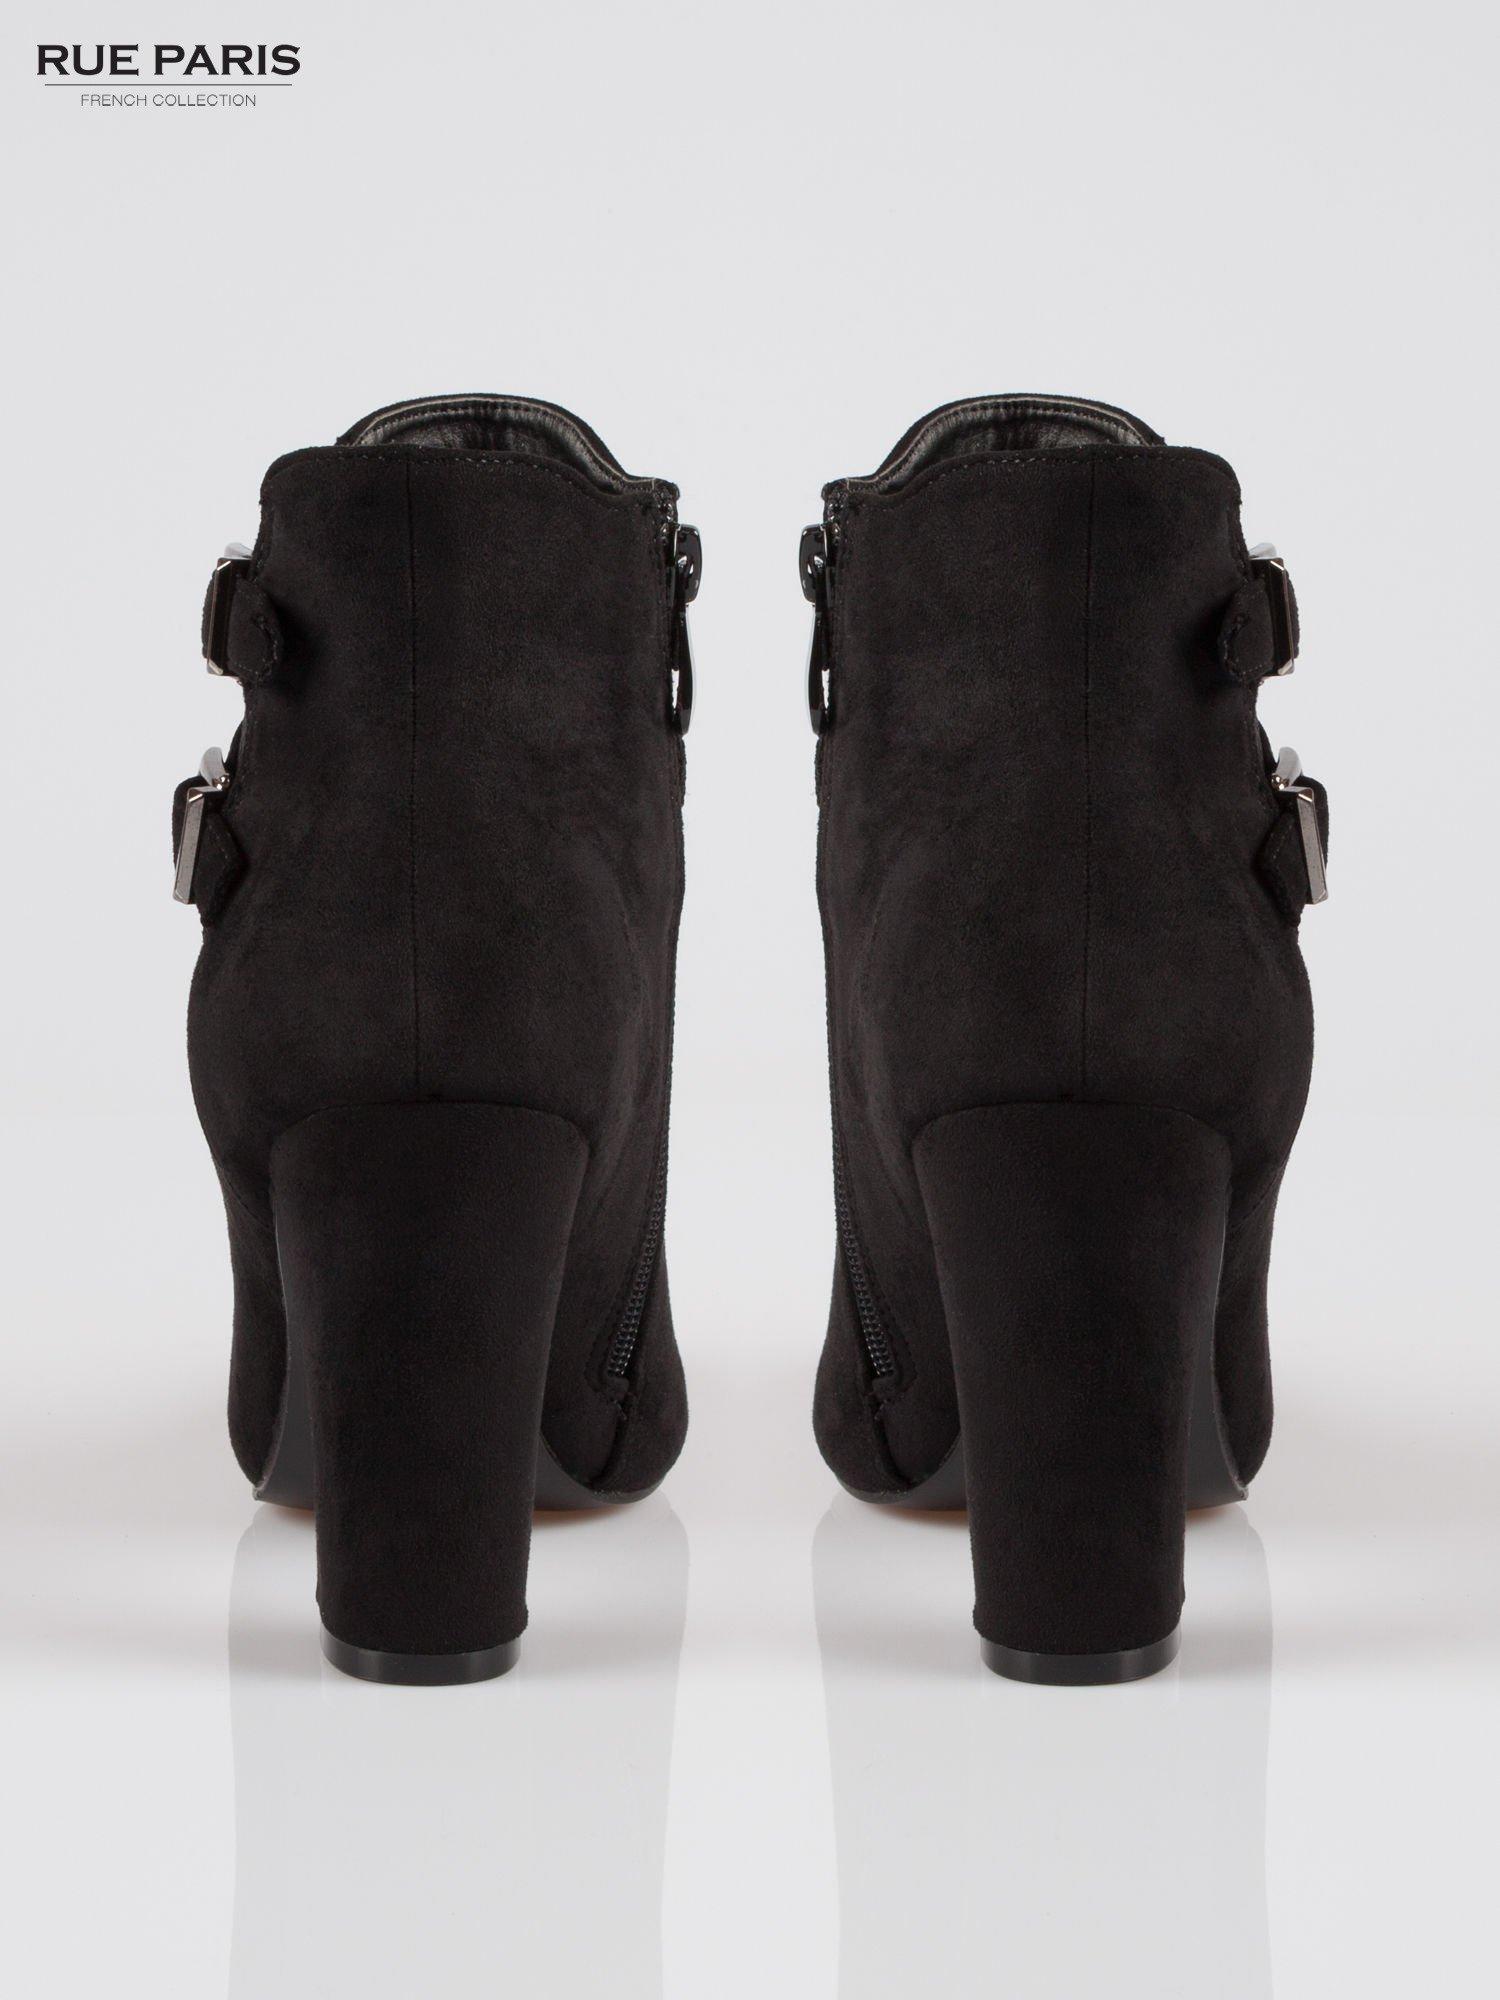 Czarne zamszowe botki na słupku z gumą i klamerkami                                  zdj.                                  3